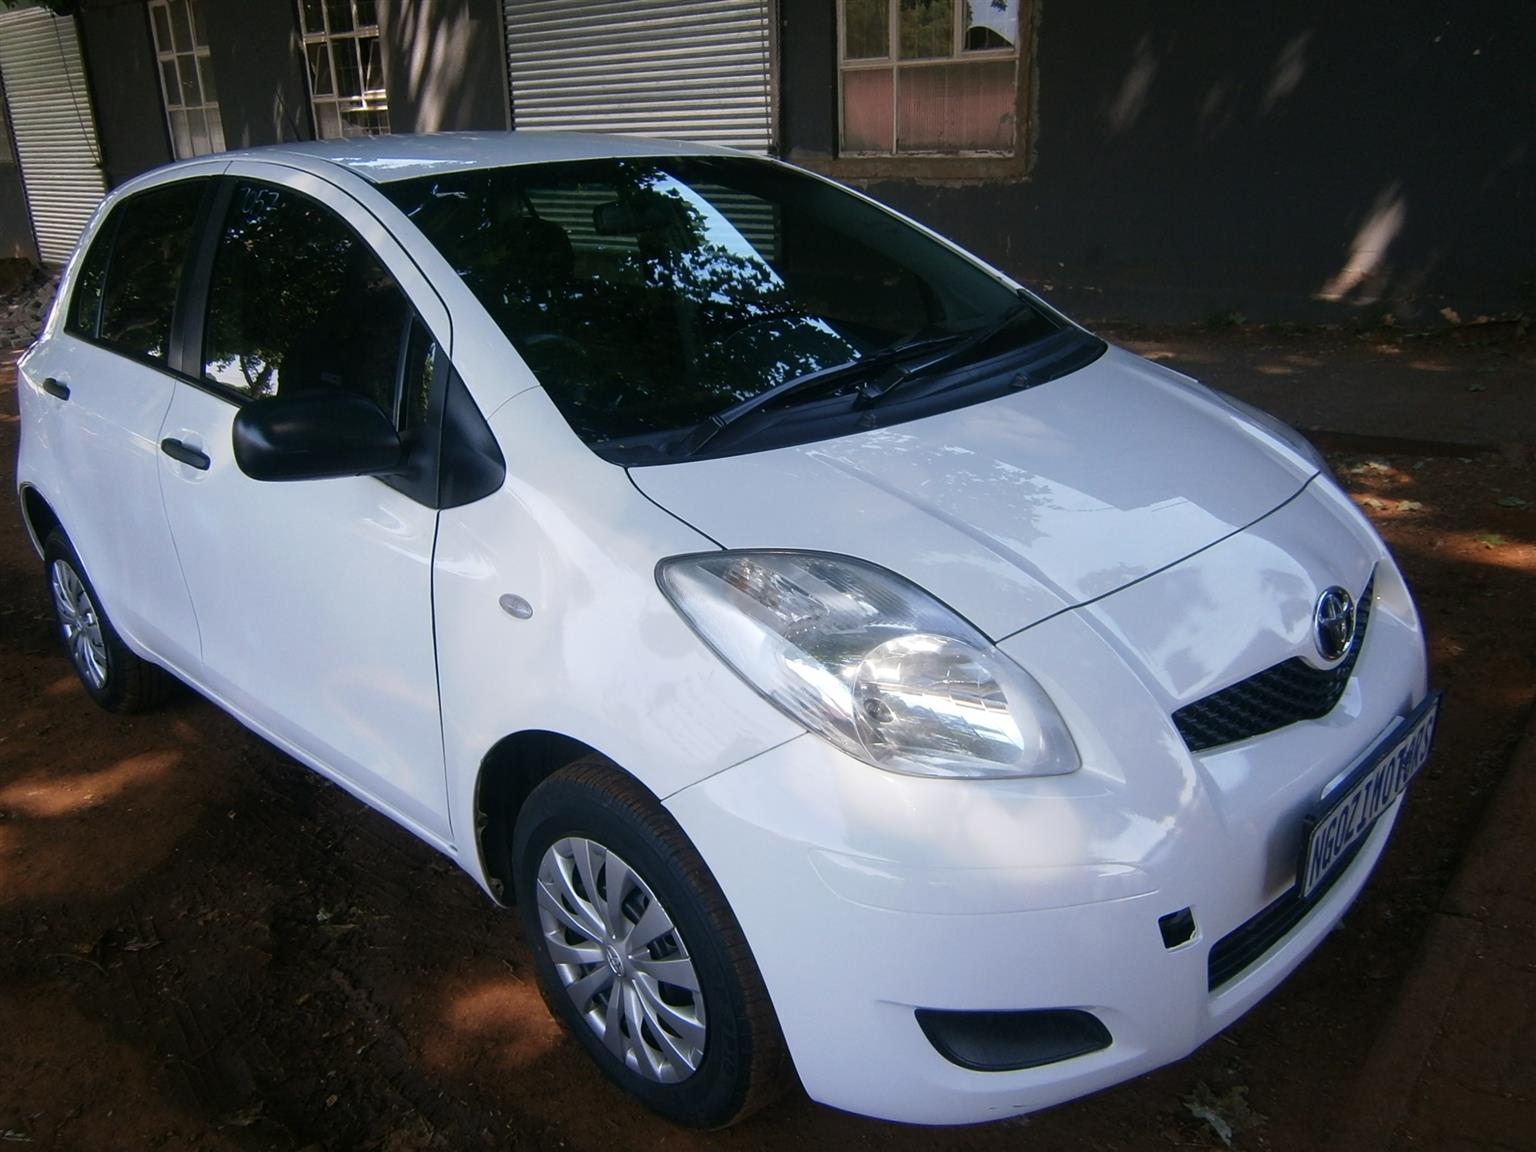 2010 Toyota Yaris 1.0 5 door T1